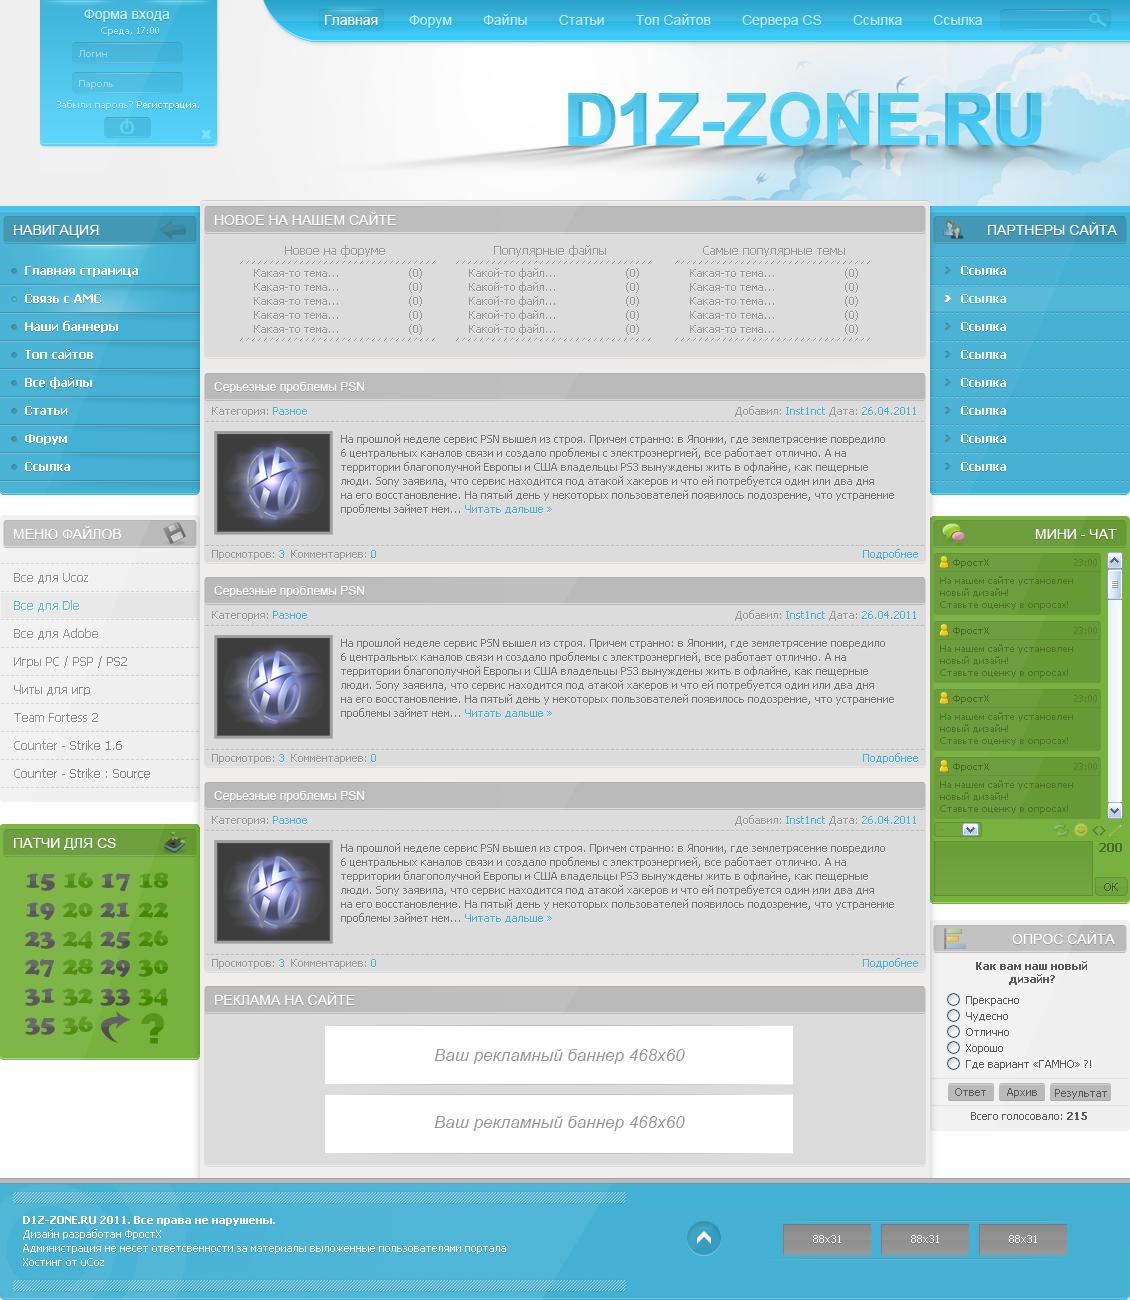 Оригинальный шаблон сайта d1z-zone